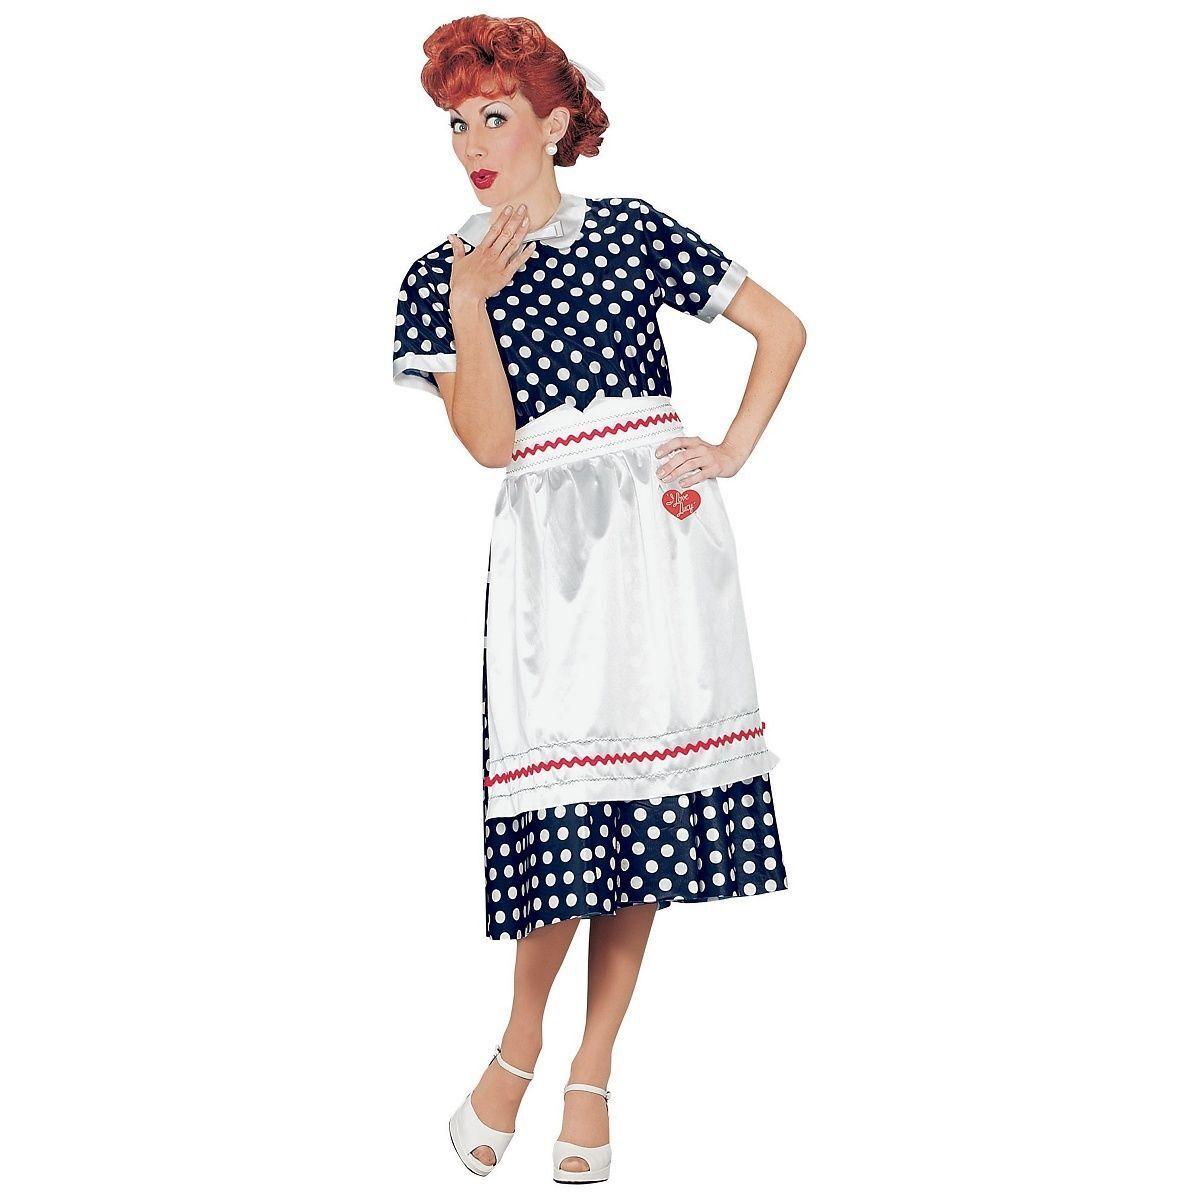 White apron fancy dress - Top 10 Fancy Dress Costumes For Women